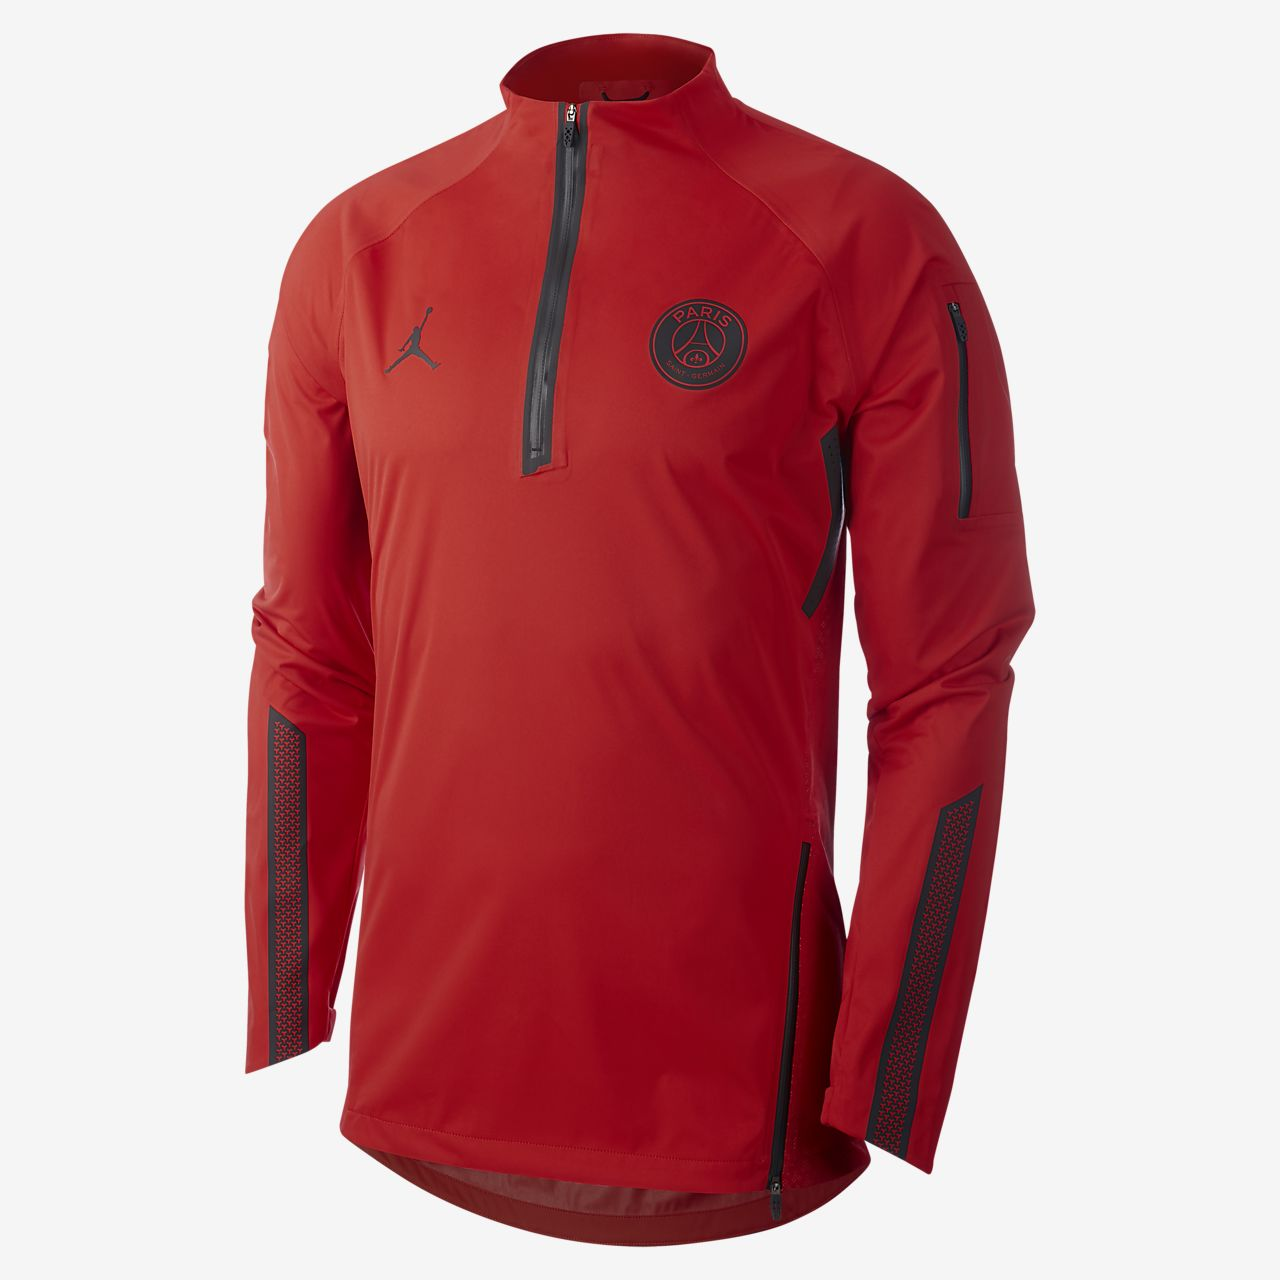 Ανδρική μακρυμάνικη ποδοσφαιρική μπλούζα PSG AeroShield Strike Drill